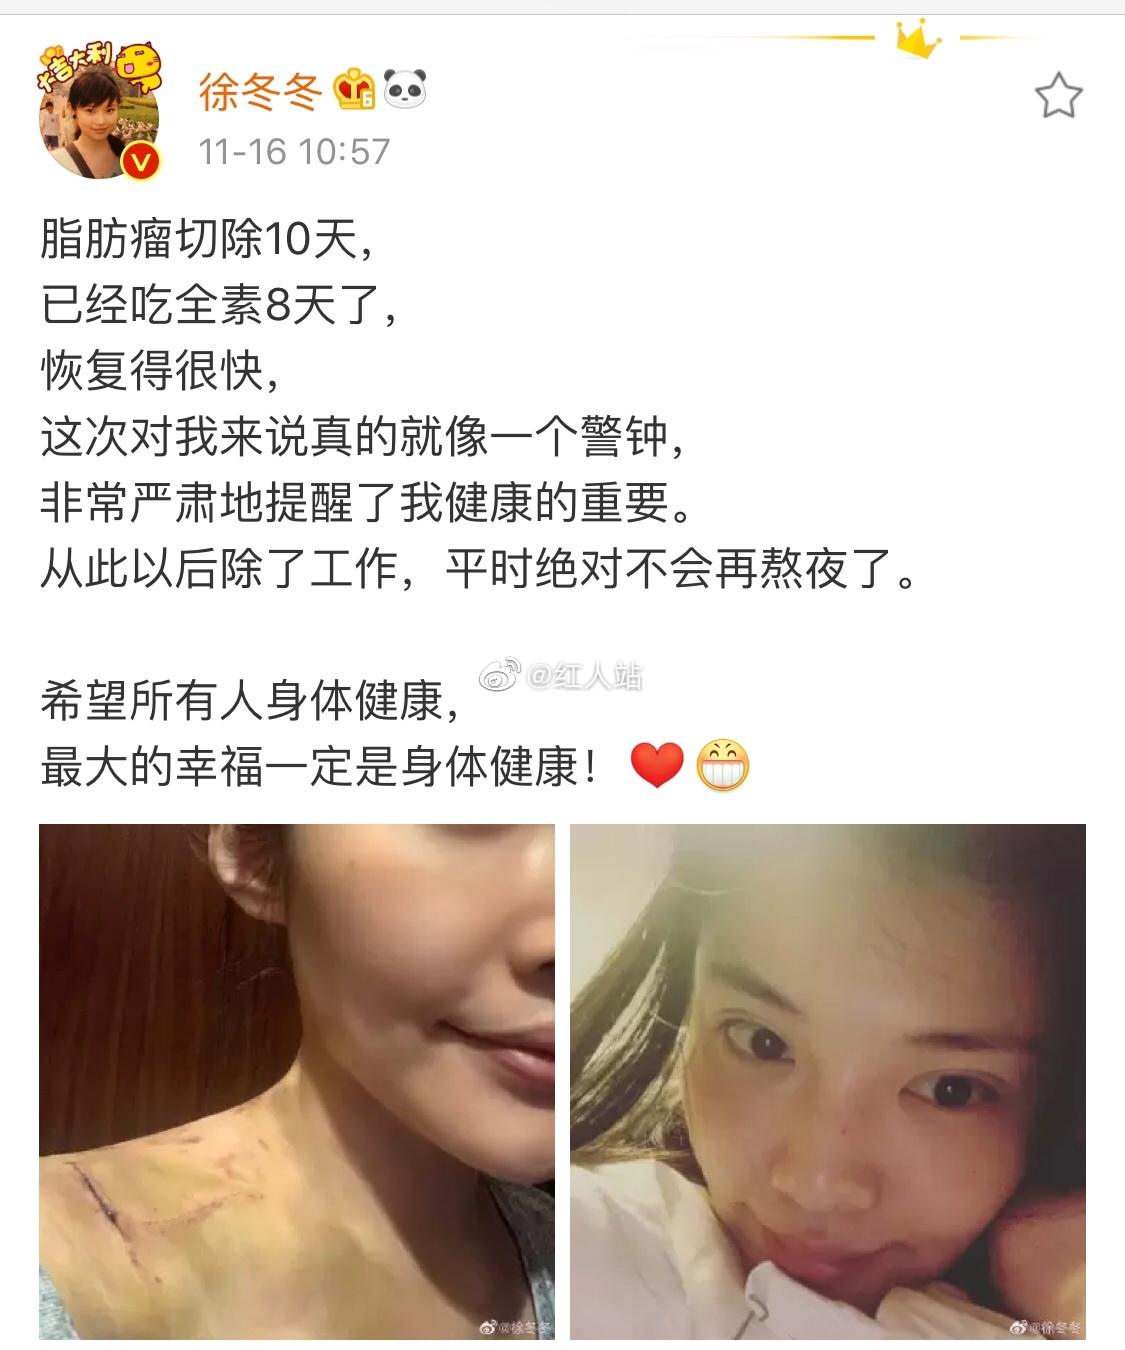 徐冬冬晒出术后伤口照片,此前有自媒体造谣称徐冬冬整容手术失败